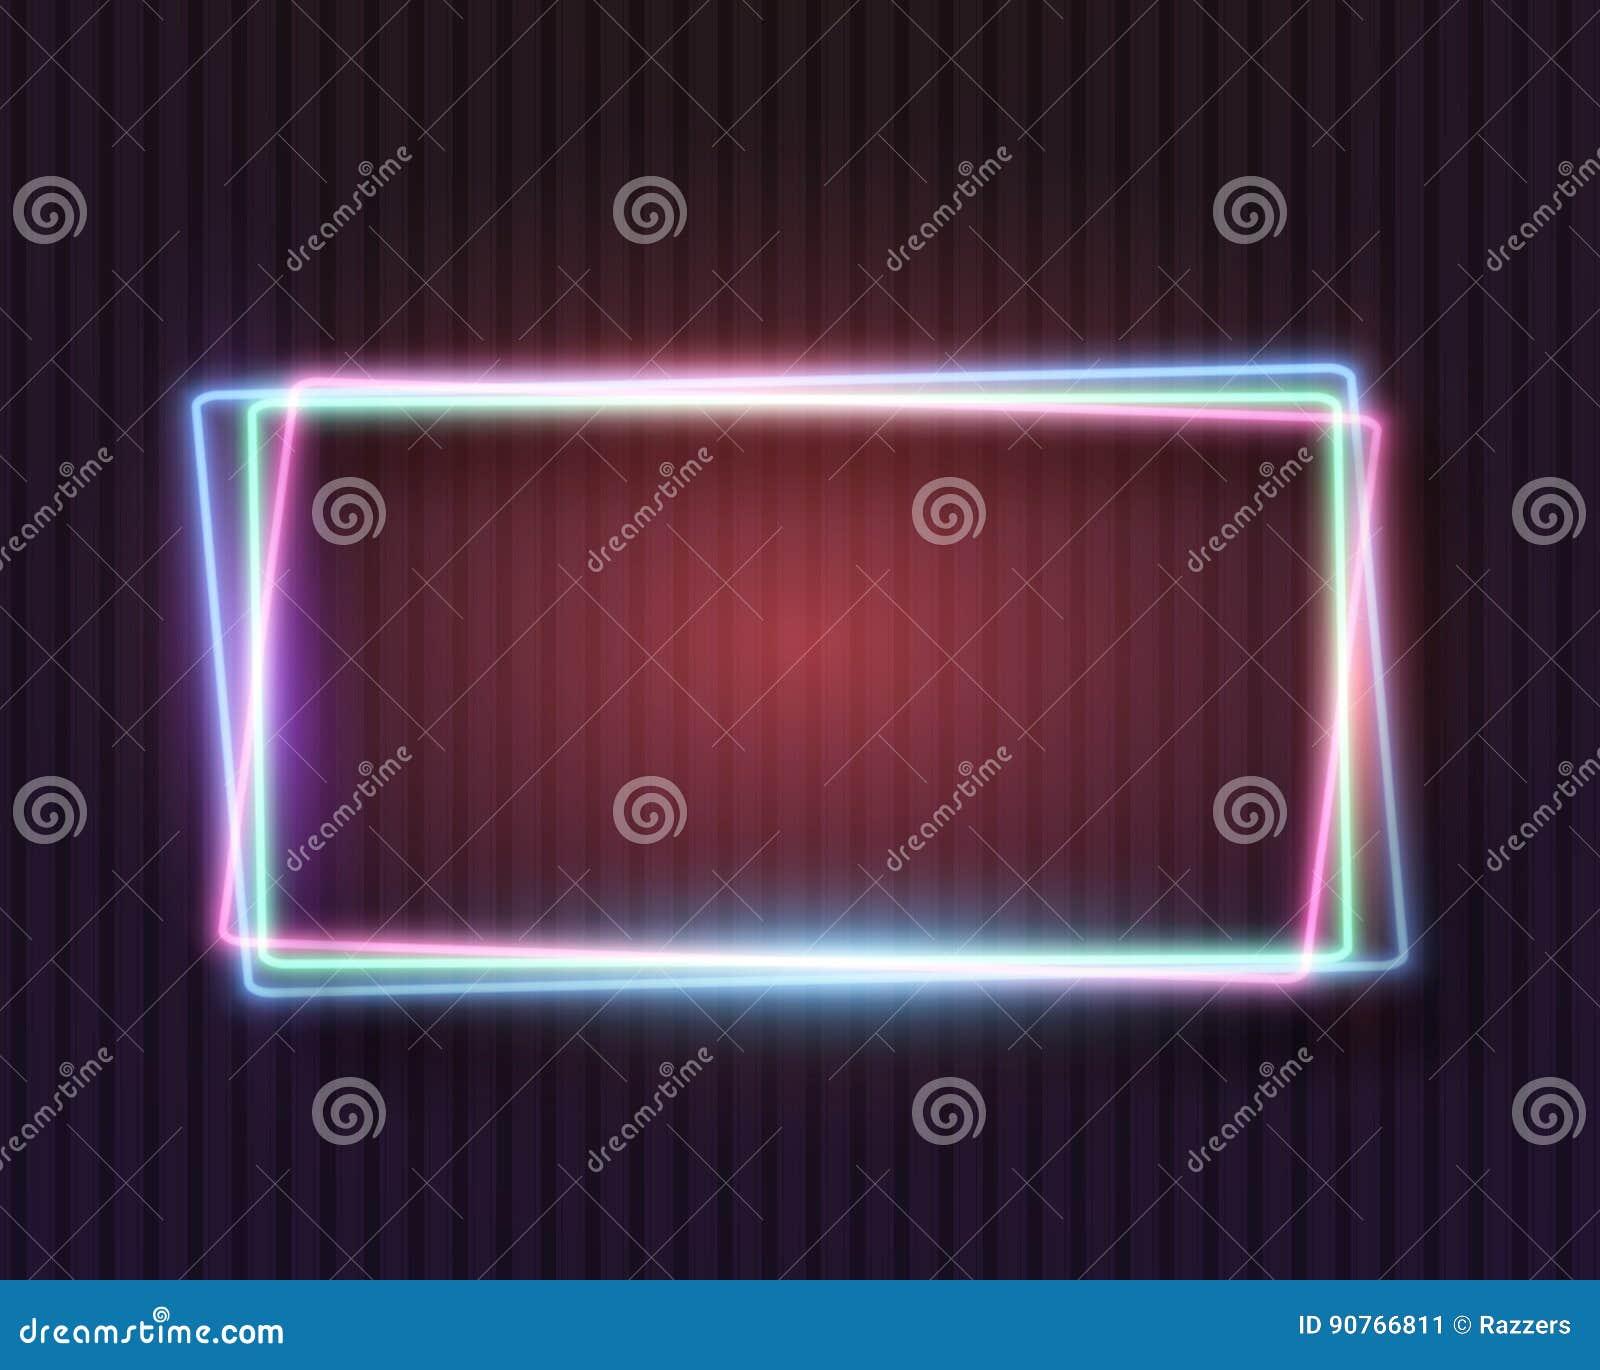 Weinlese-Neon-Rahmen vektor abbildung. Illustration von dekoration ...